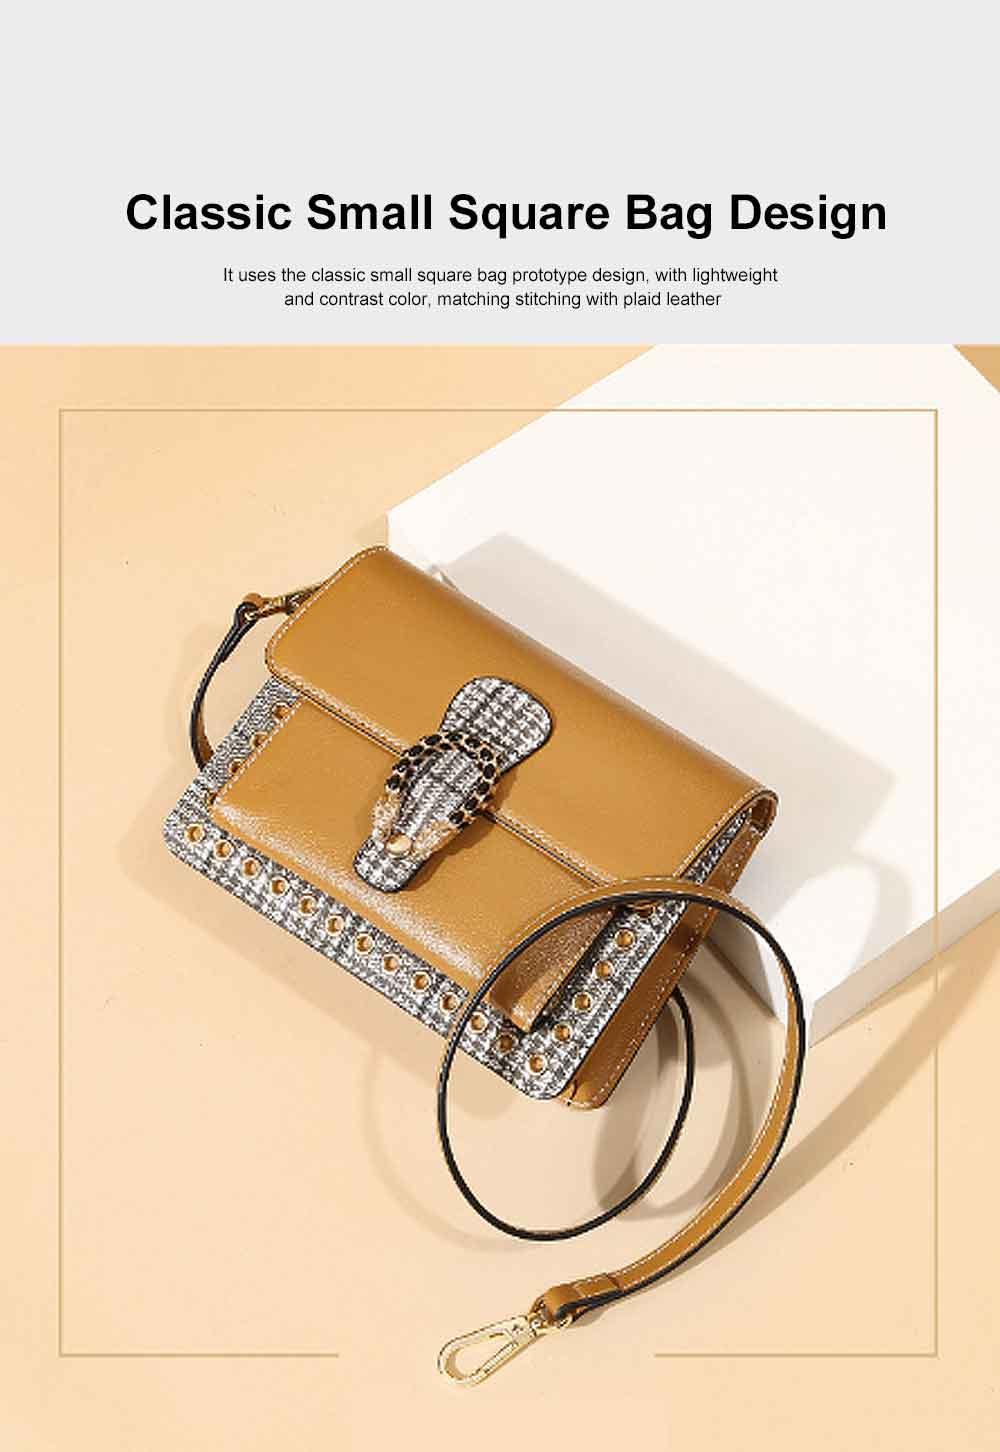 Contrast Color Small Square Bag, Fashion Handbag Shoulder Slung Bag for Female, Summer 2019 1